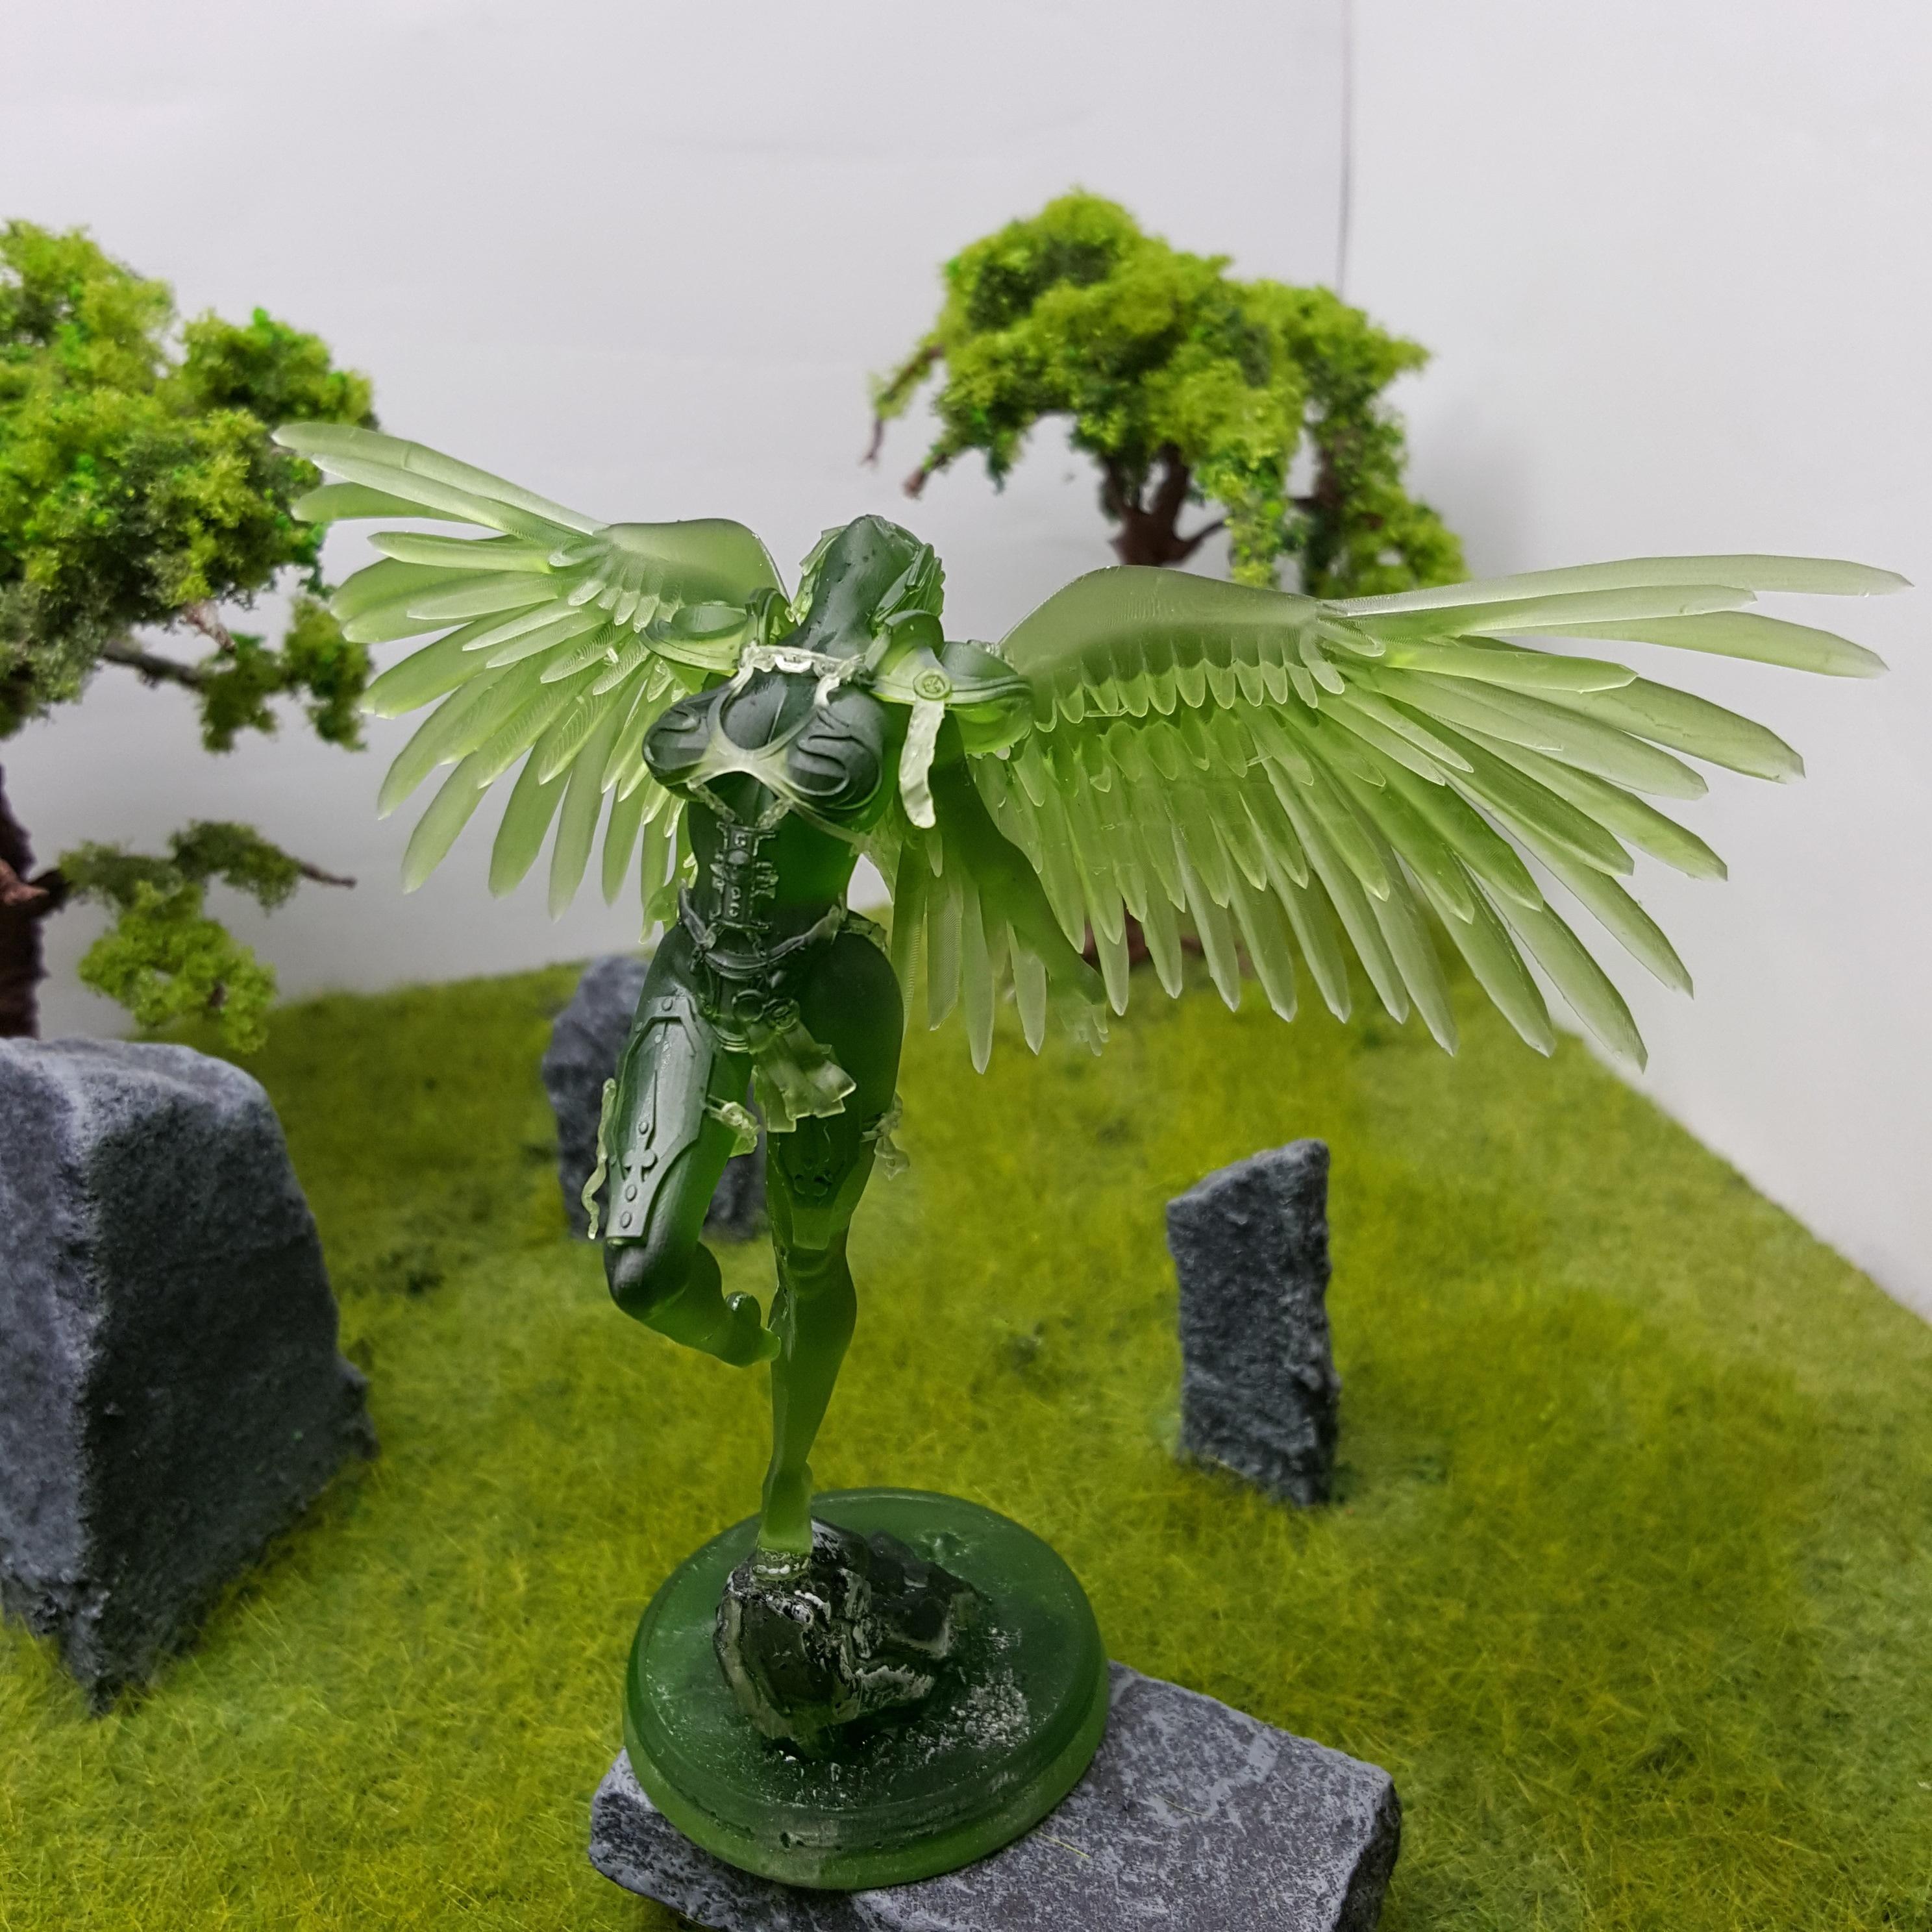 Télécharger fichier STL gratuit Statue d'un saint vivant • Plan à imprimer en 3D, War_Spike